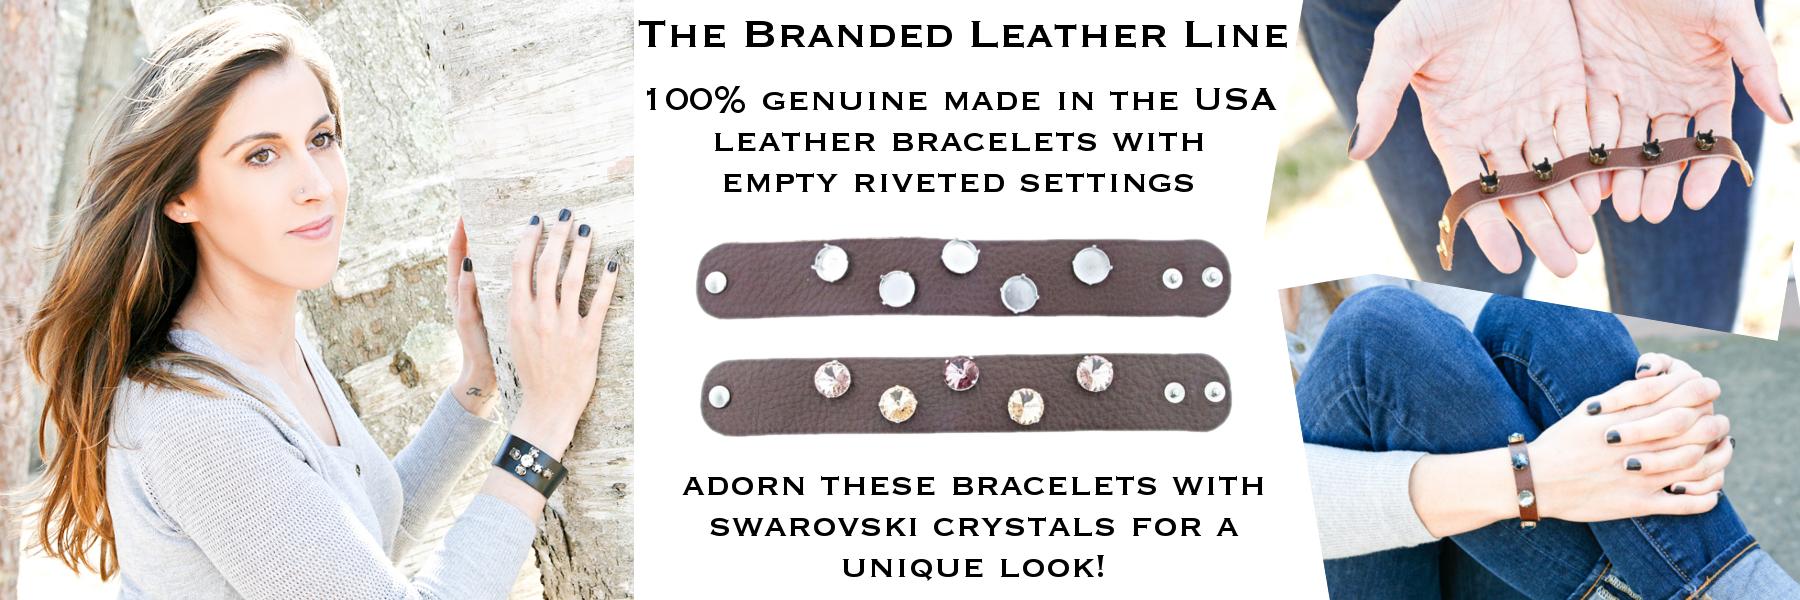 Branded Leather Line bracelets